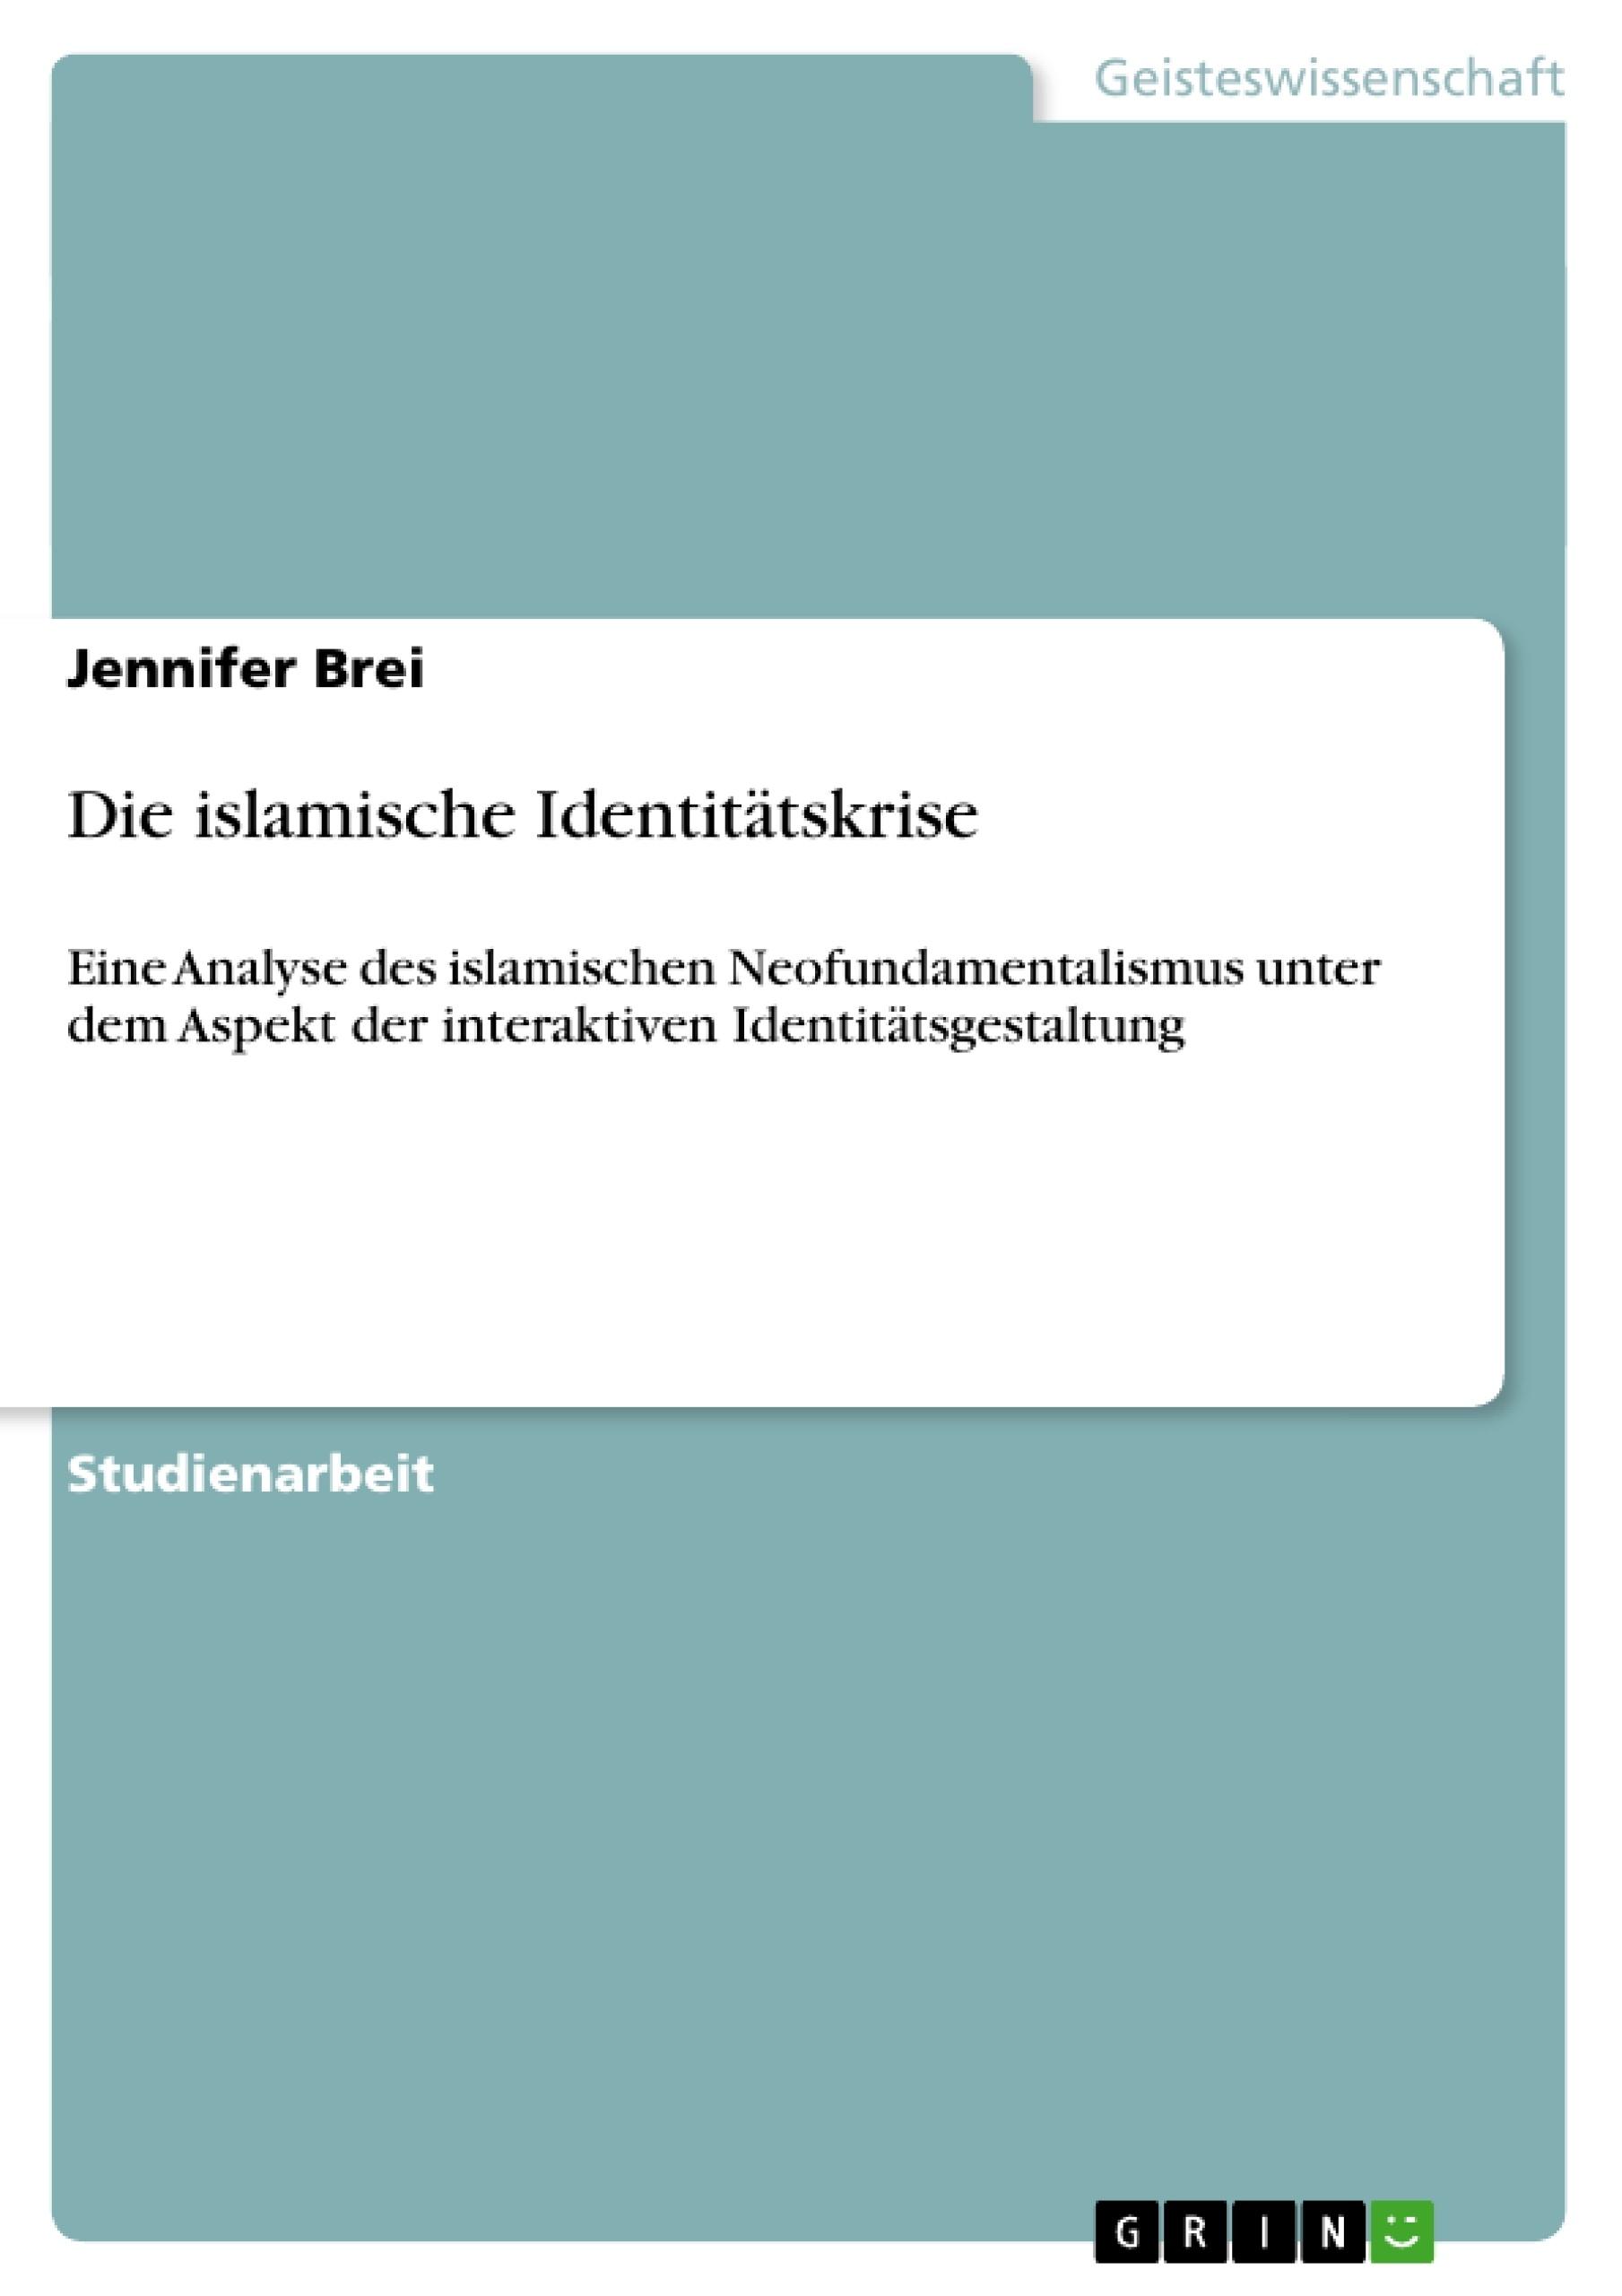 Titel: Die islamische Identitätskrise